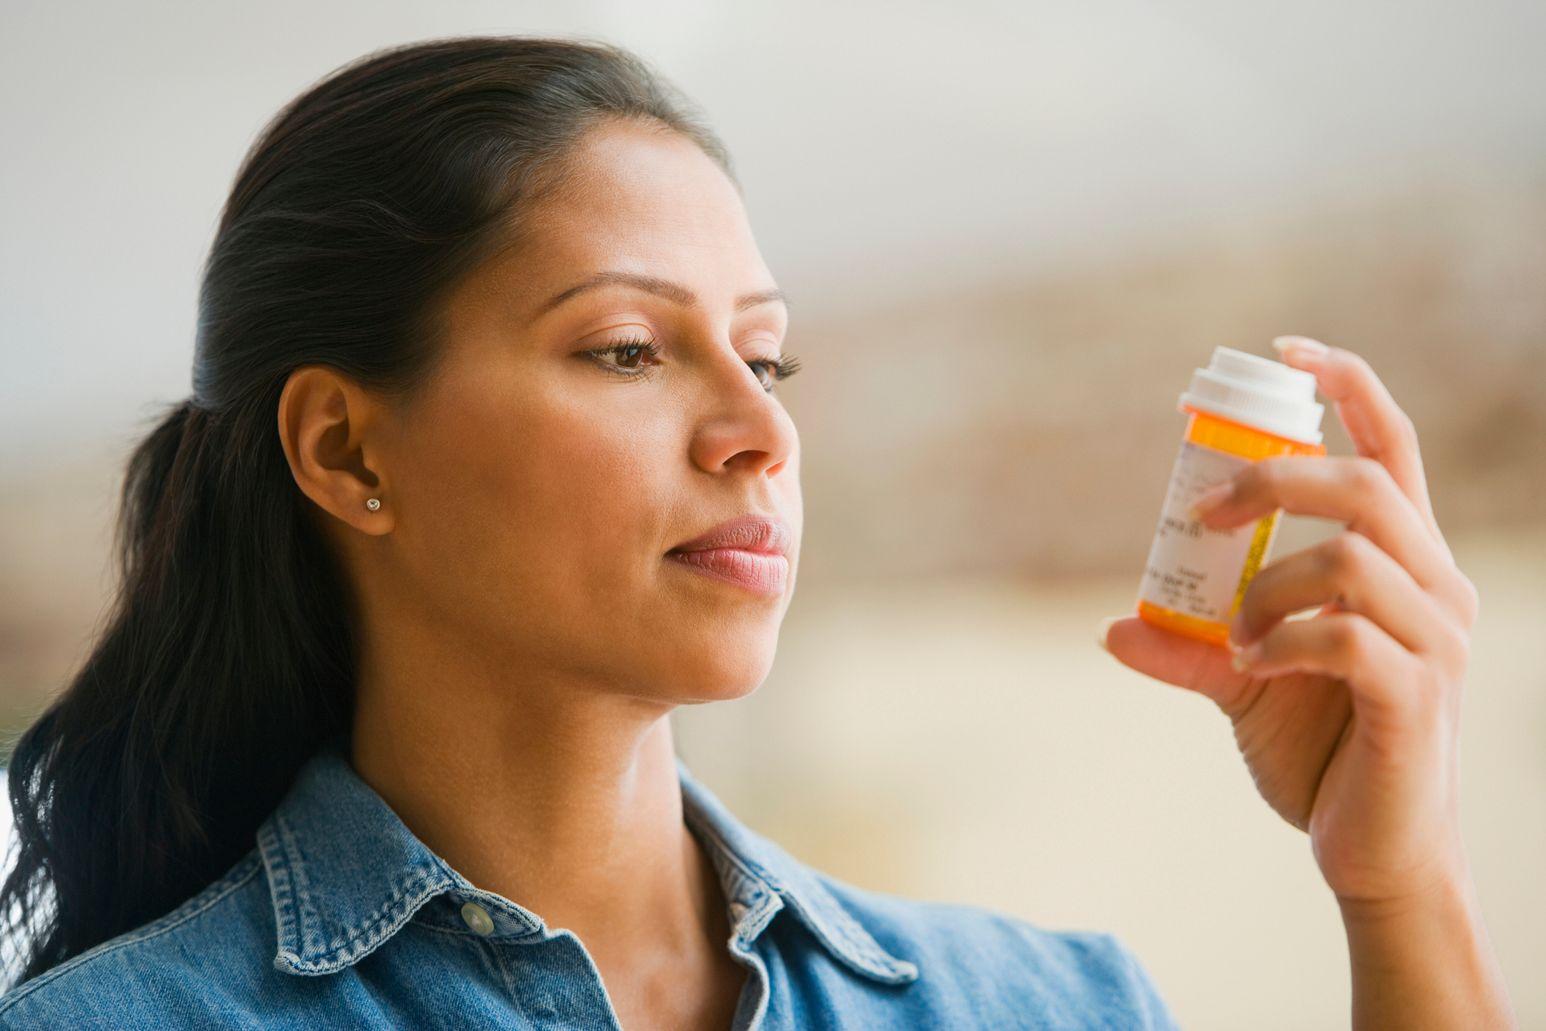 A woman looks at a prescription bottle